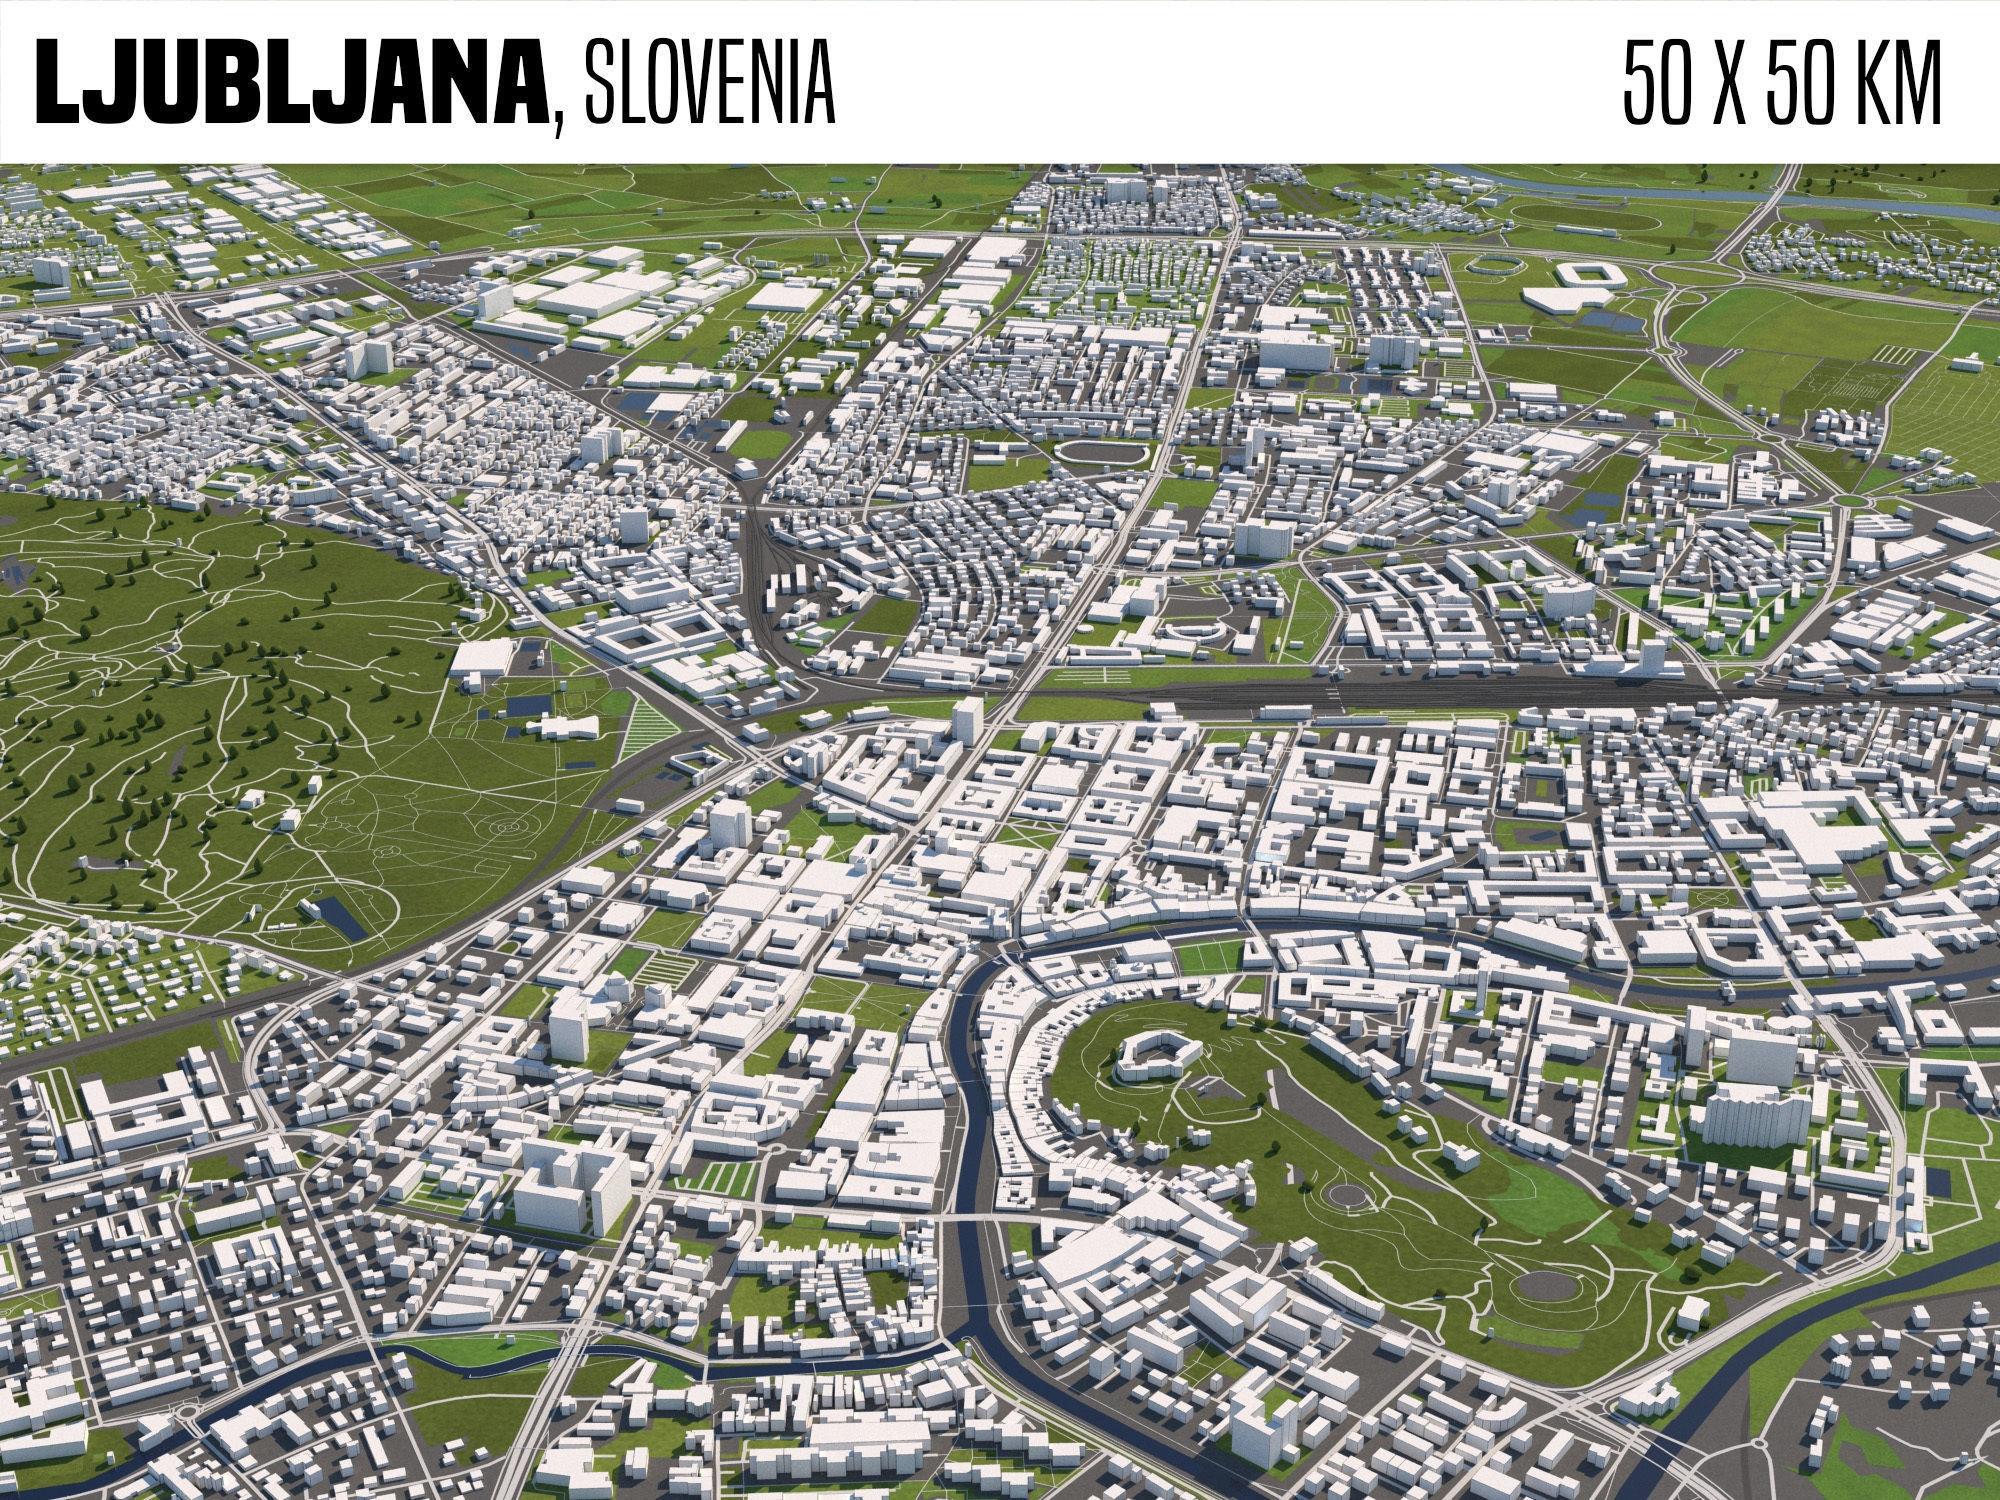 Ljubljana Slovenia 50x50km